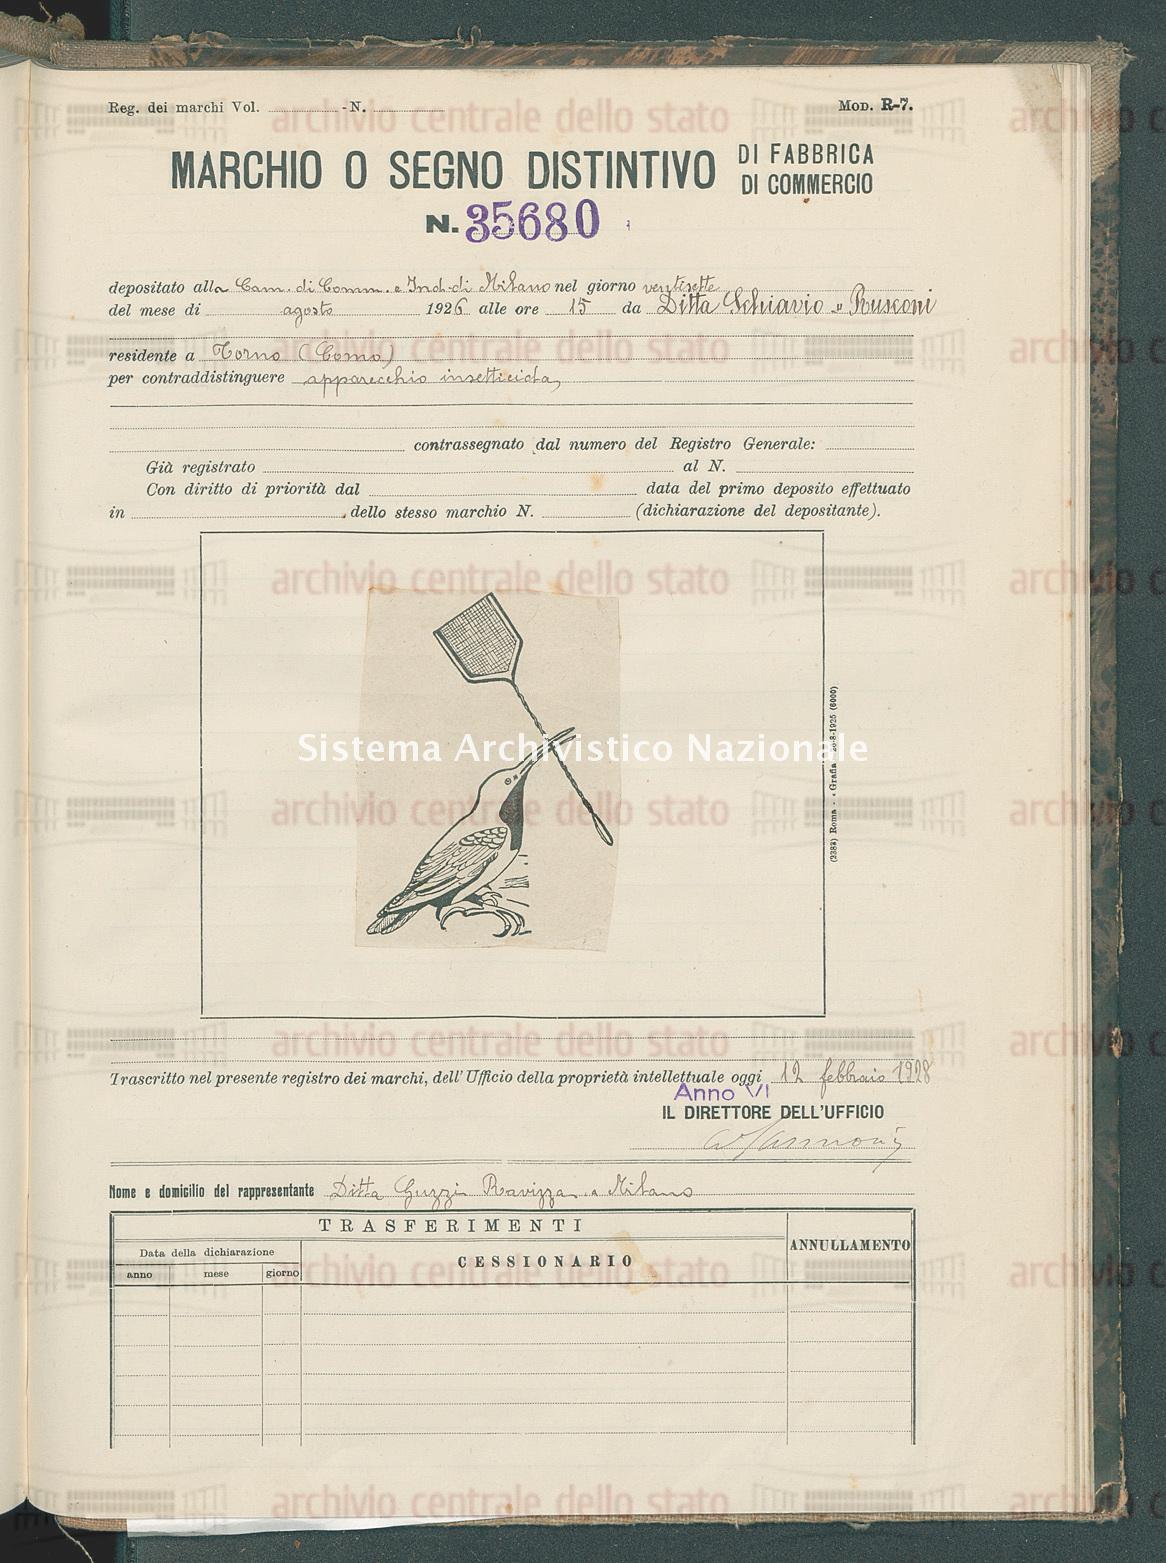 Apparecchio insetticida Ditta Schiavio & Rusconi (12/02/1928)